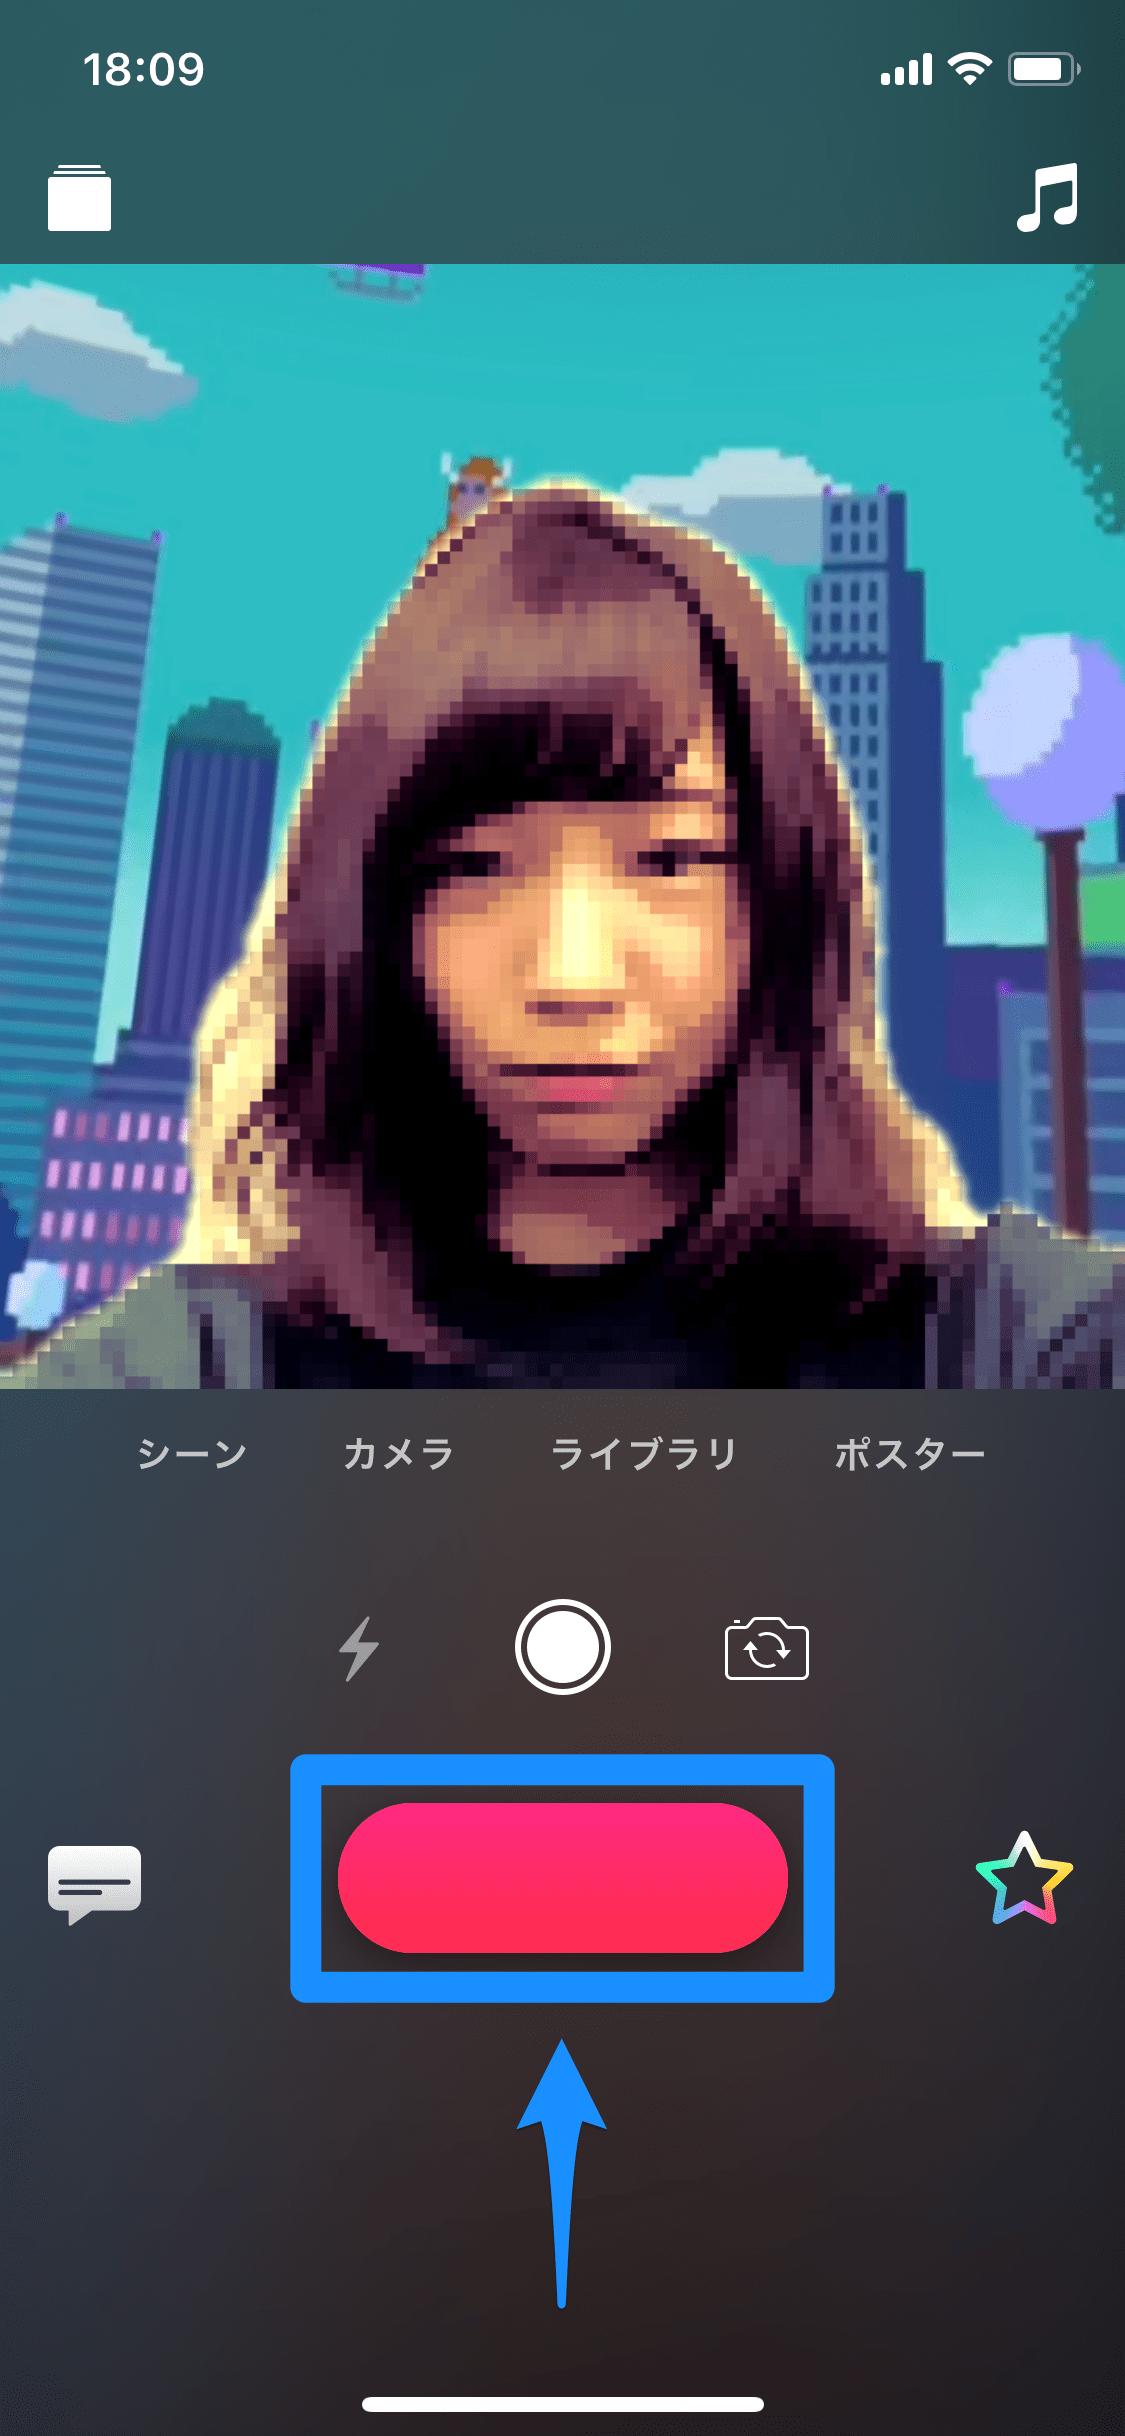 ビデオ編集アプリ「Clips」では何ができる? シーンを使った撮影とエフェクト、ポスターの使い方